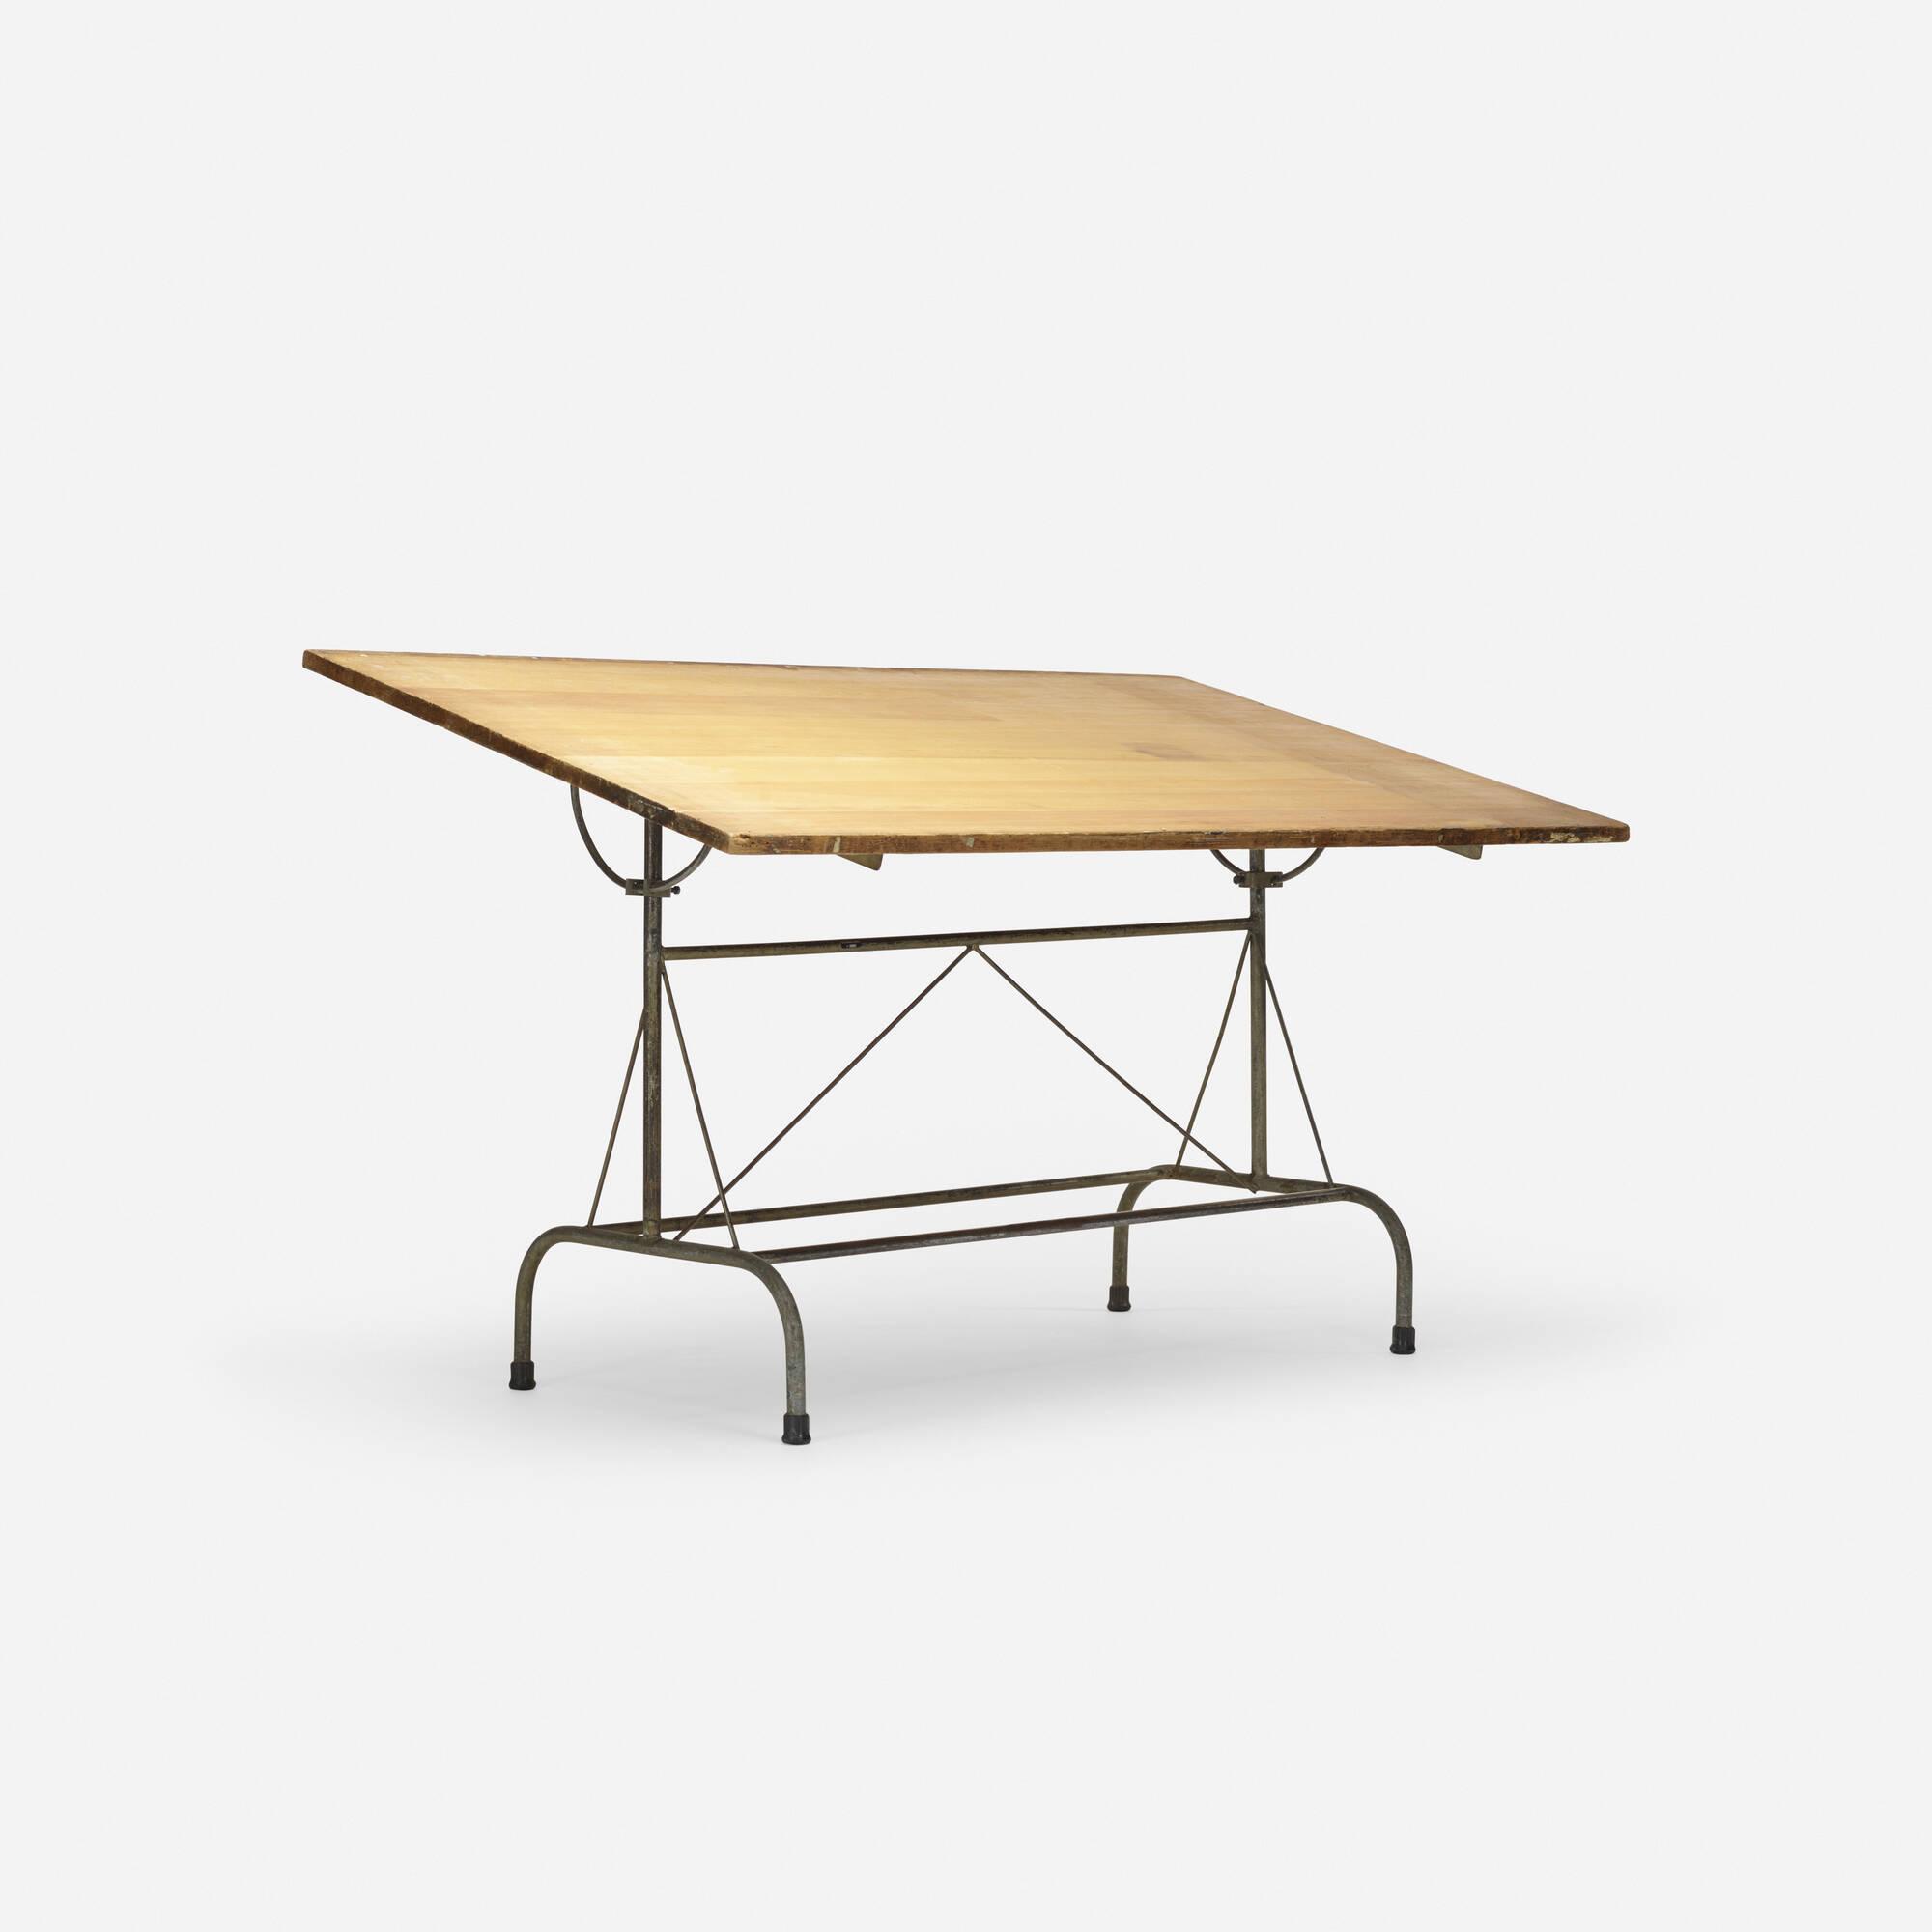 170: Eero Saarinen and Associates / drafting table (1 of 1)